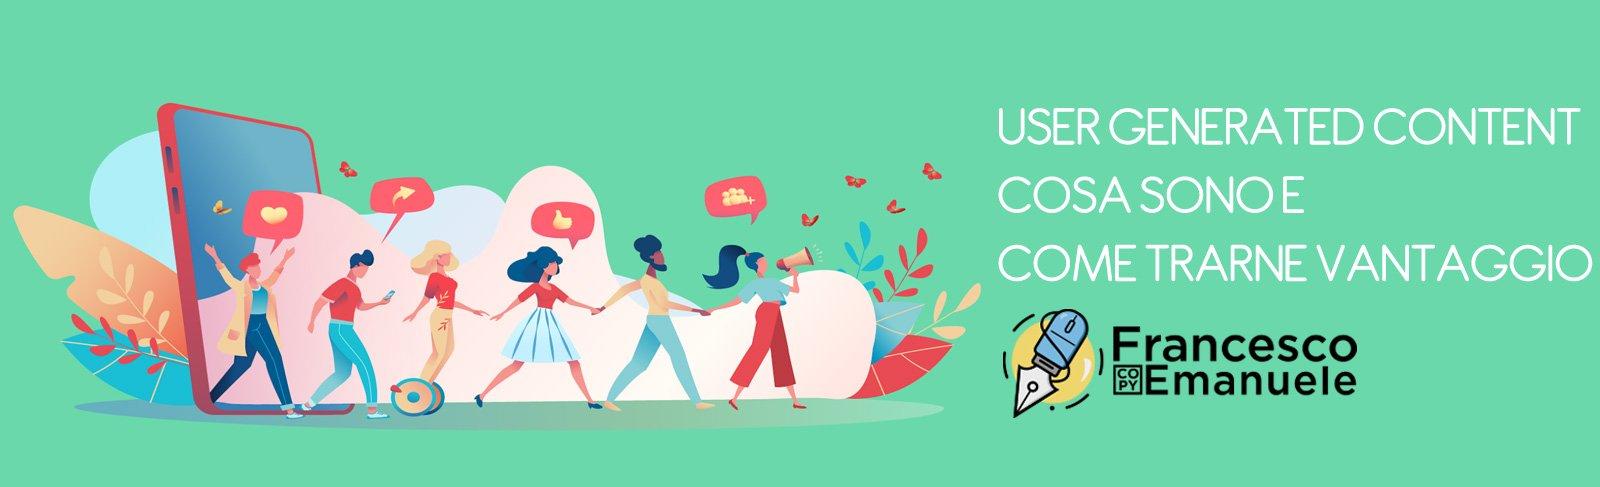 User Generated Content: cosa sono e come trarne vantaggio